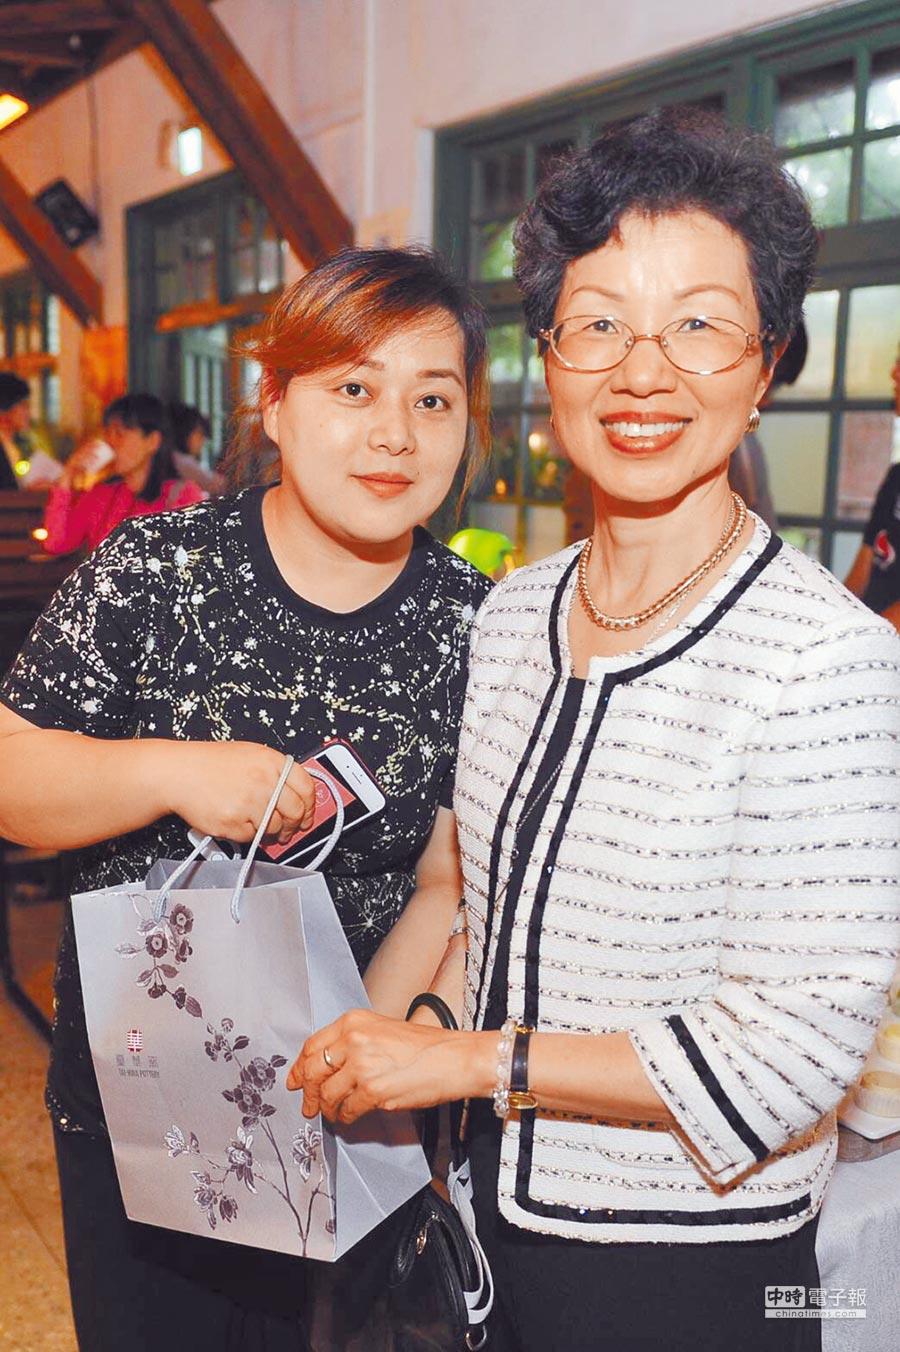 王鳳玲(前左一)來台12年,參加官田農會第二專長培訓後,成功考取多張餐飲證照,不僅開設烘焙坊,還開辦烘焙教室。(移民署南區事務大隊提供)